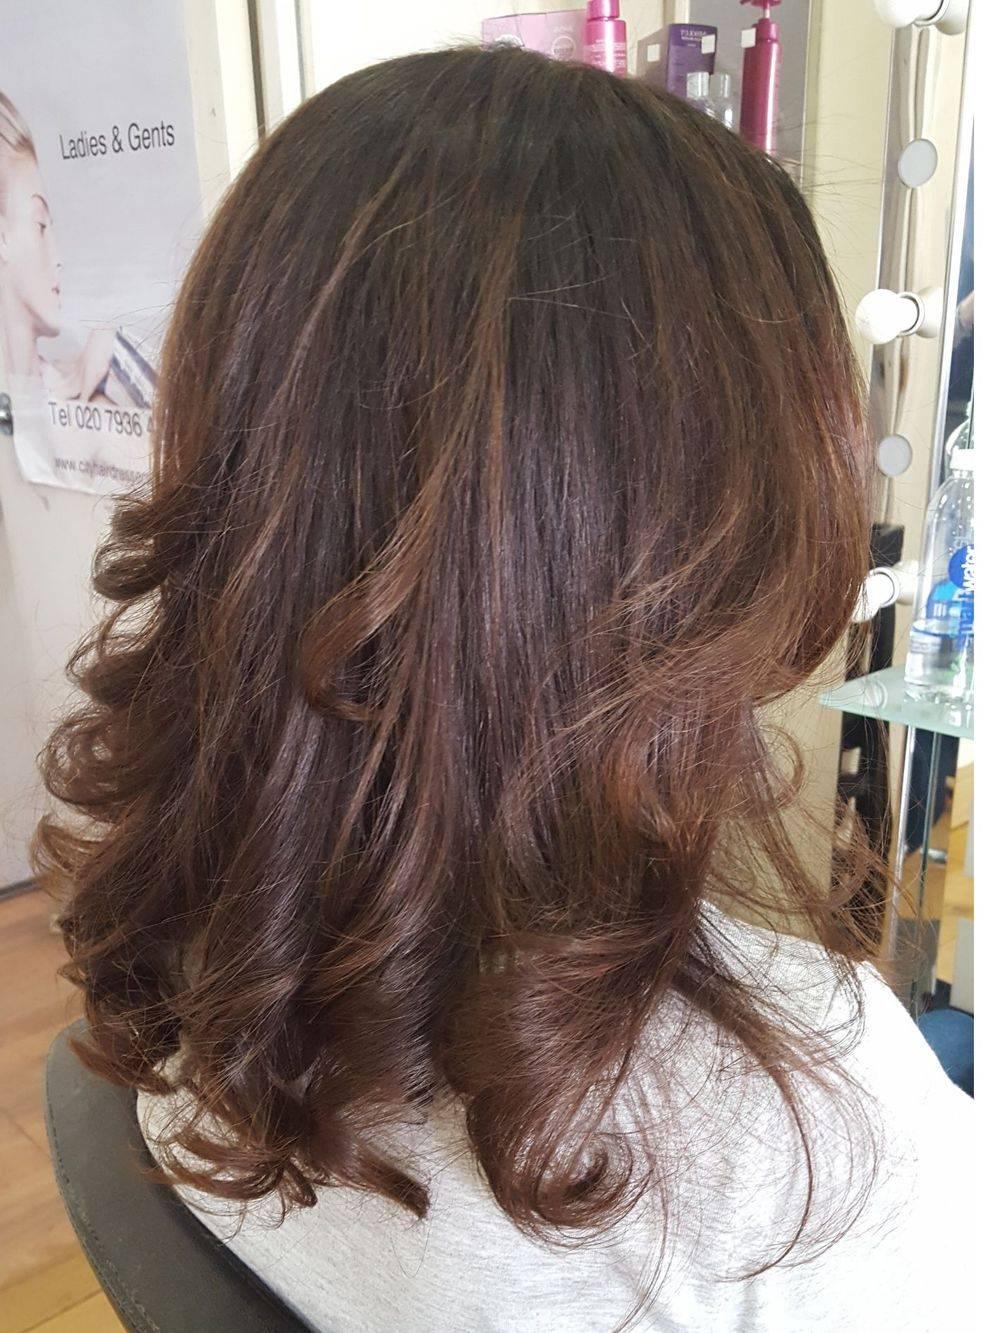 Curly Blow Dry Tottenham Hair Studio Hairdresser Mobile